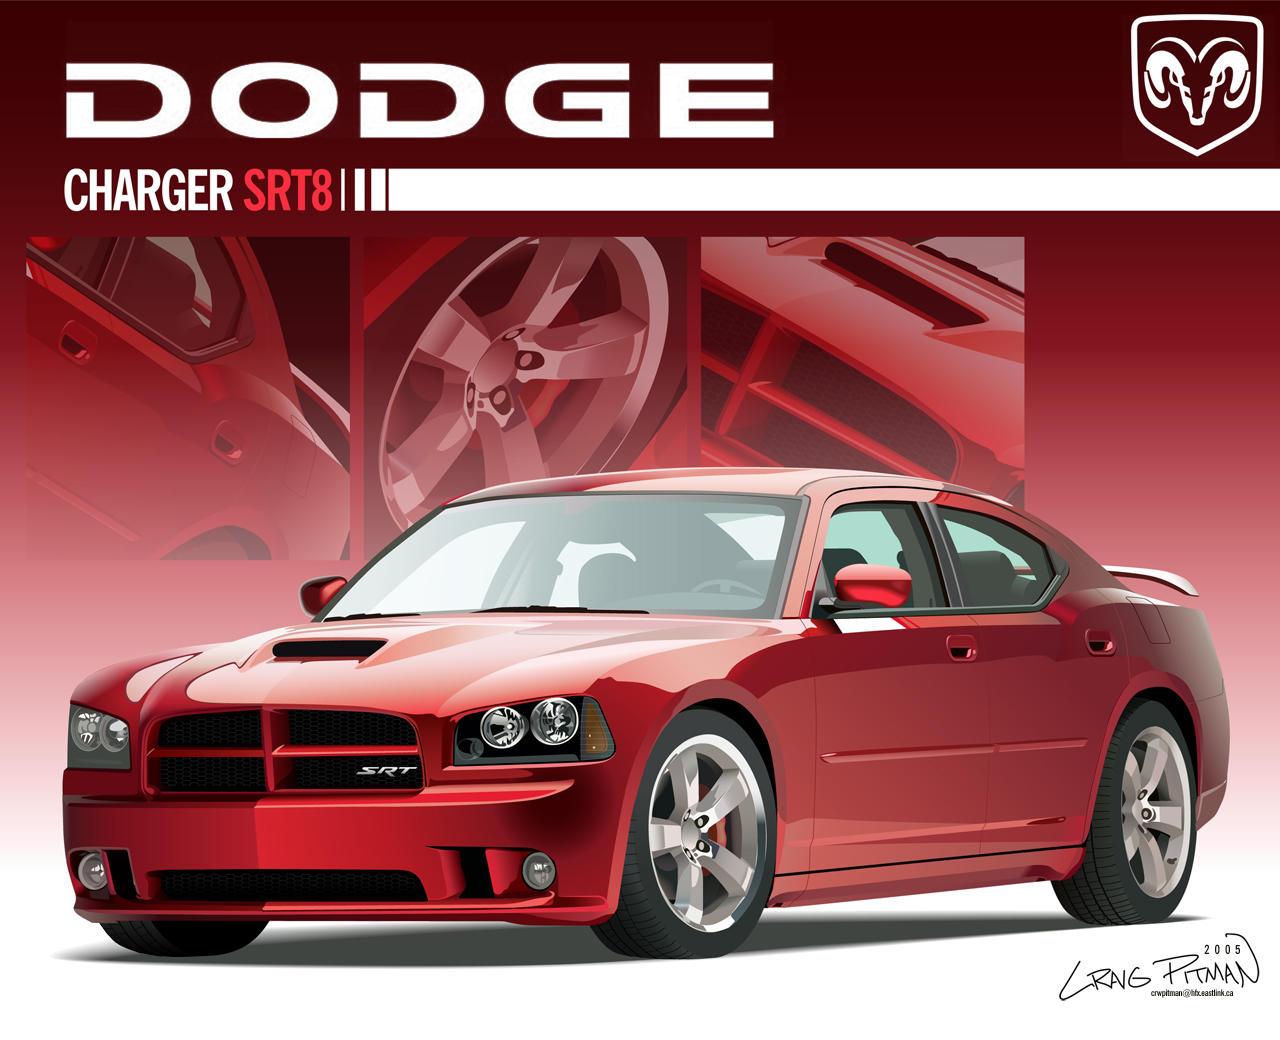 2006 dodge charger srt8 vector by crwpitman on deviantart. Black Bedroom Furniture Sets. Home Design Ideas